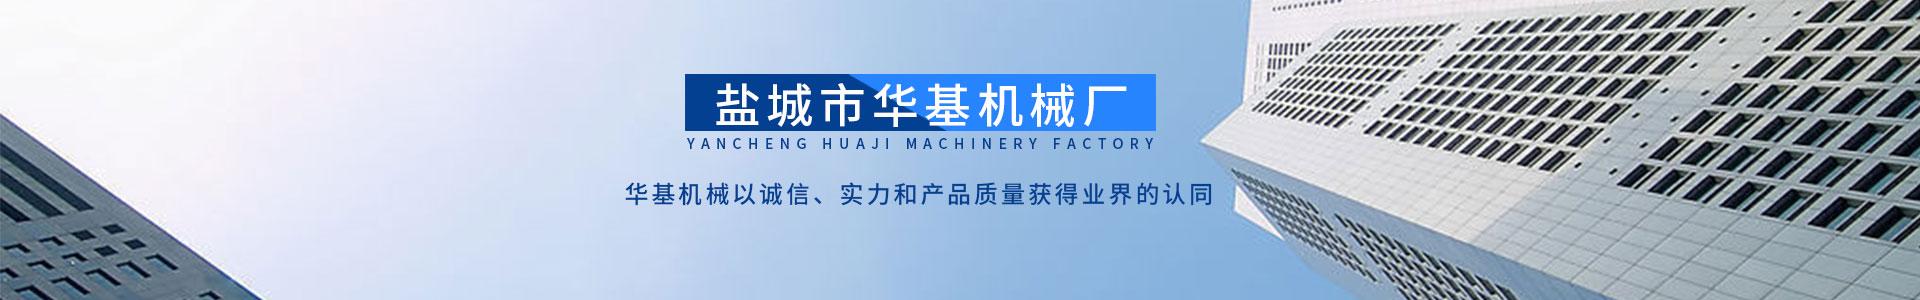 江苏华基自动化机械设备有限公司